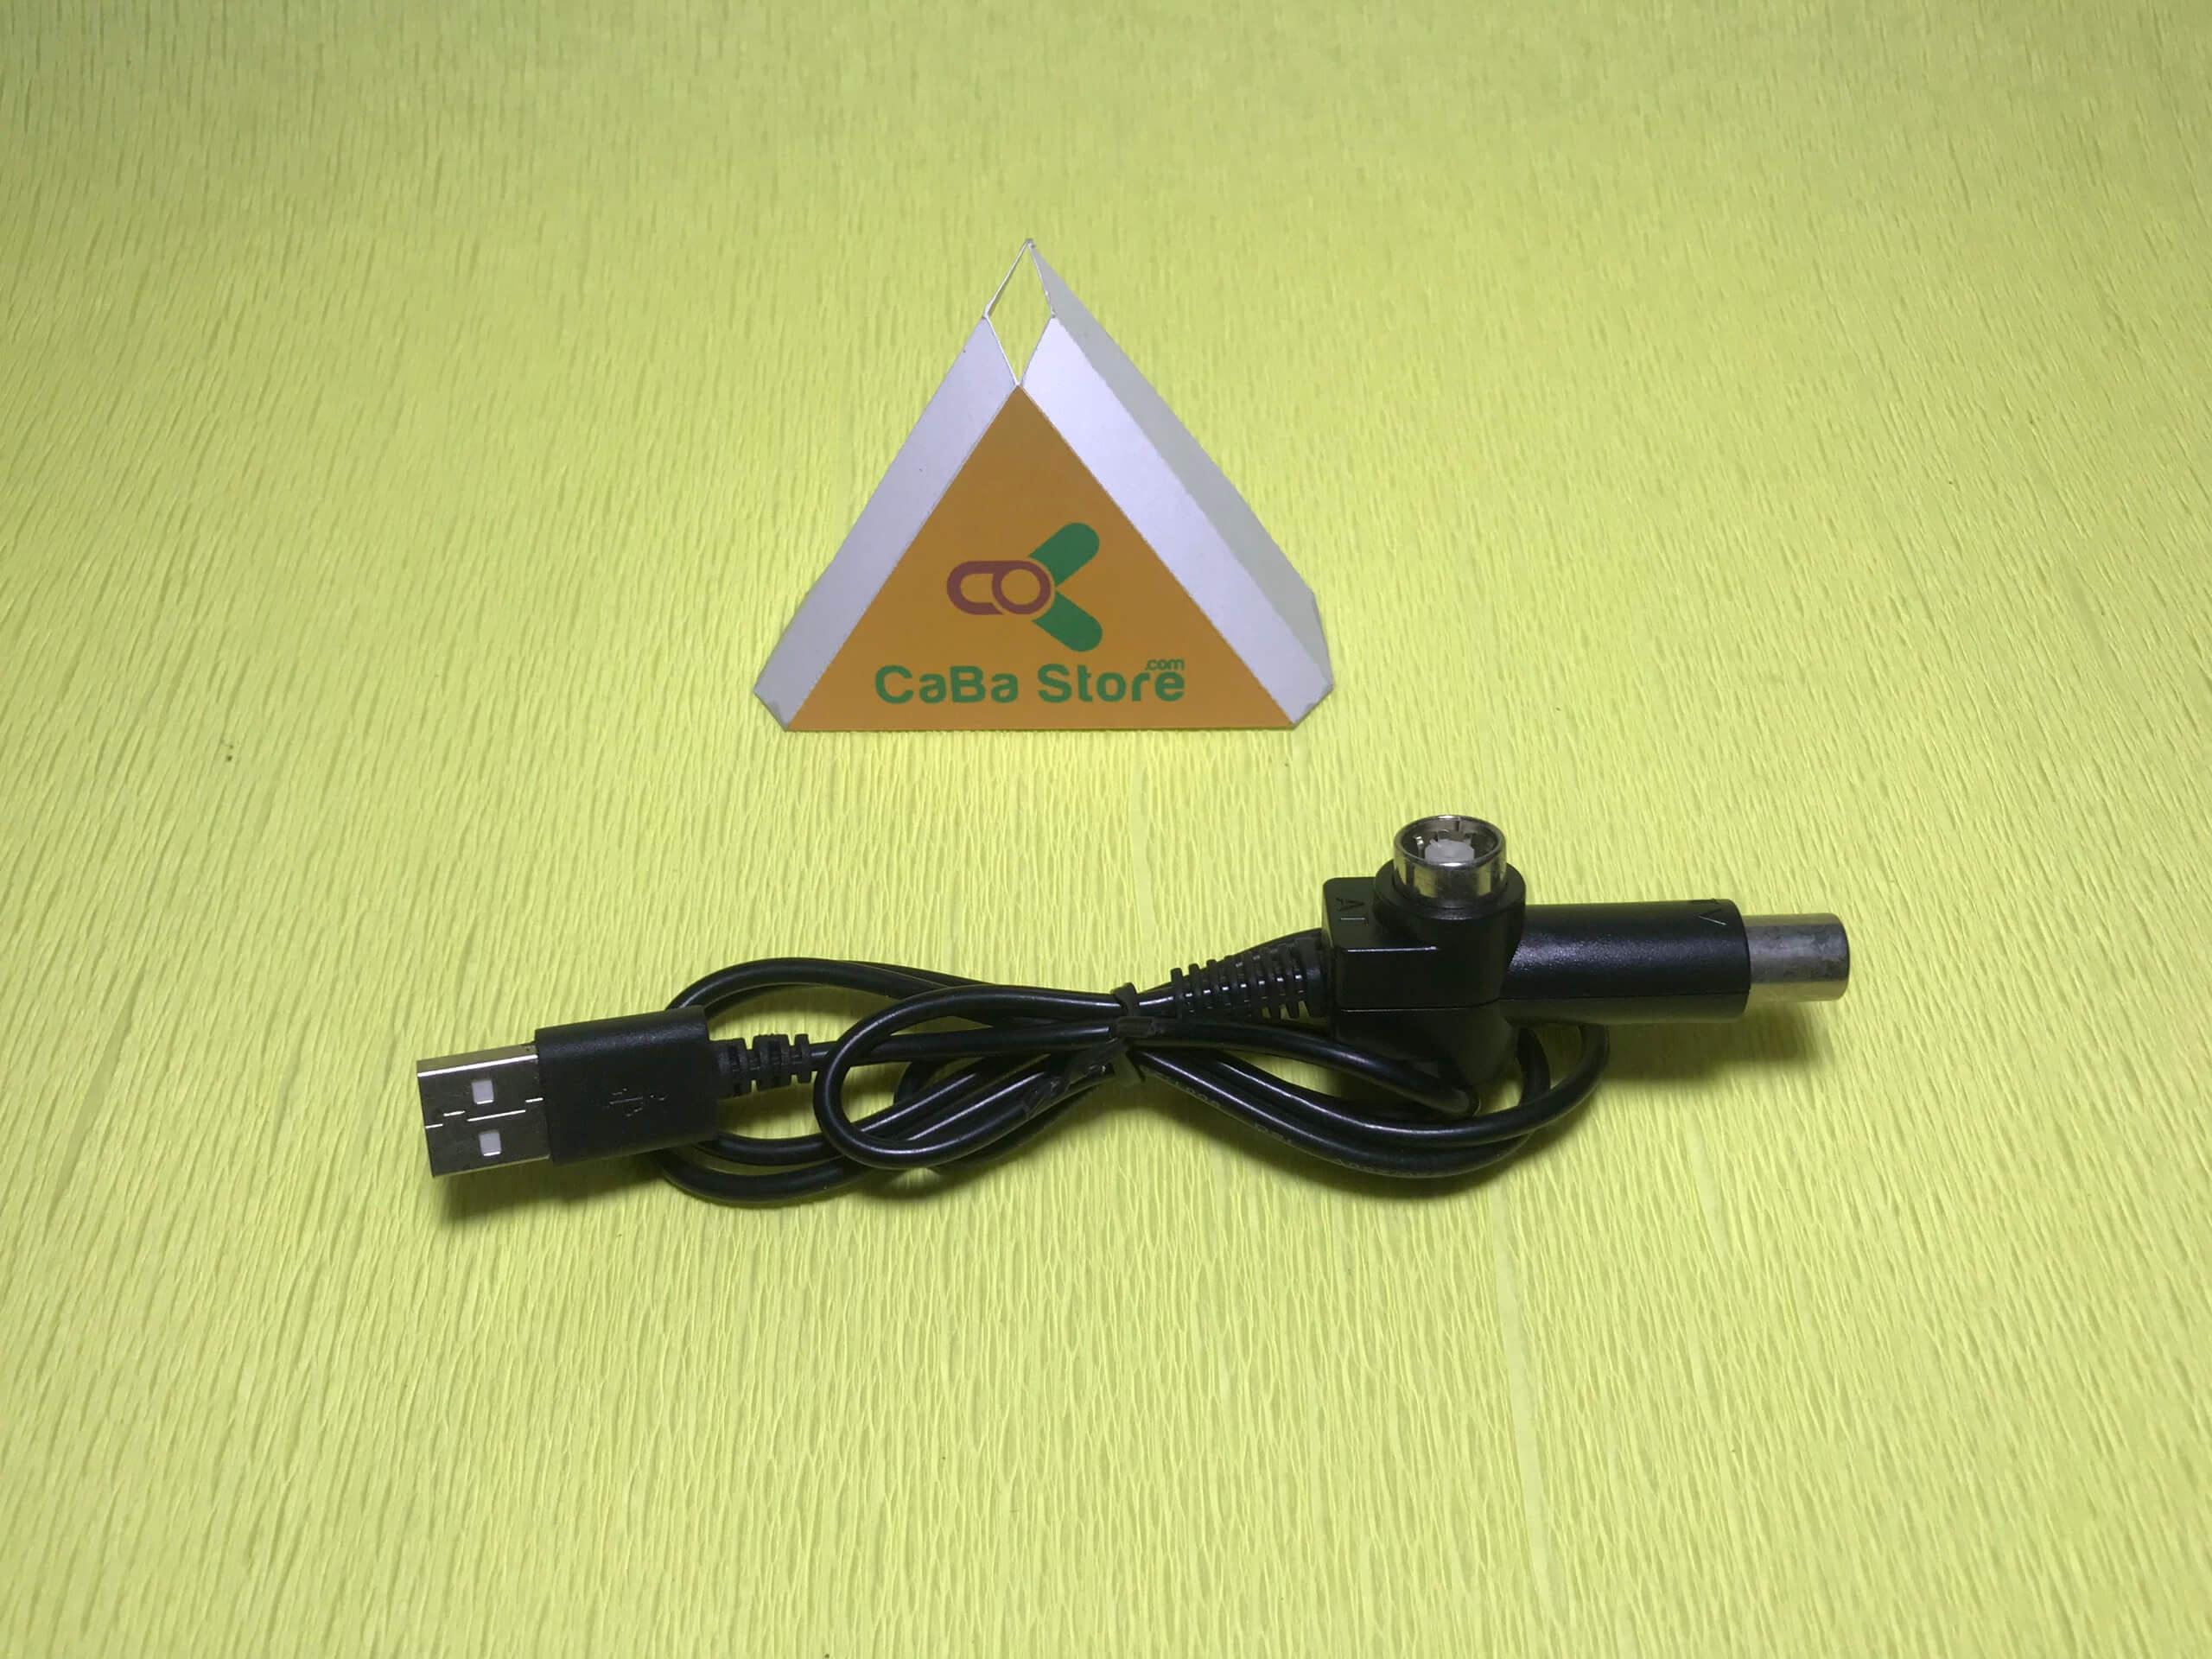 Dây cấp nguồn 5V - Bộ cấp nguồn cho anten